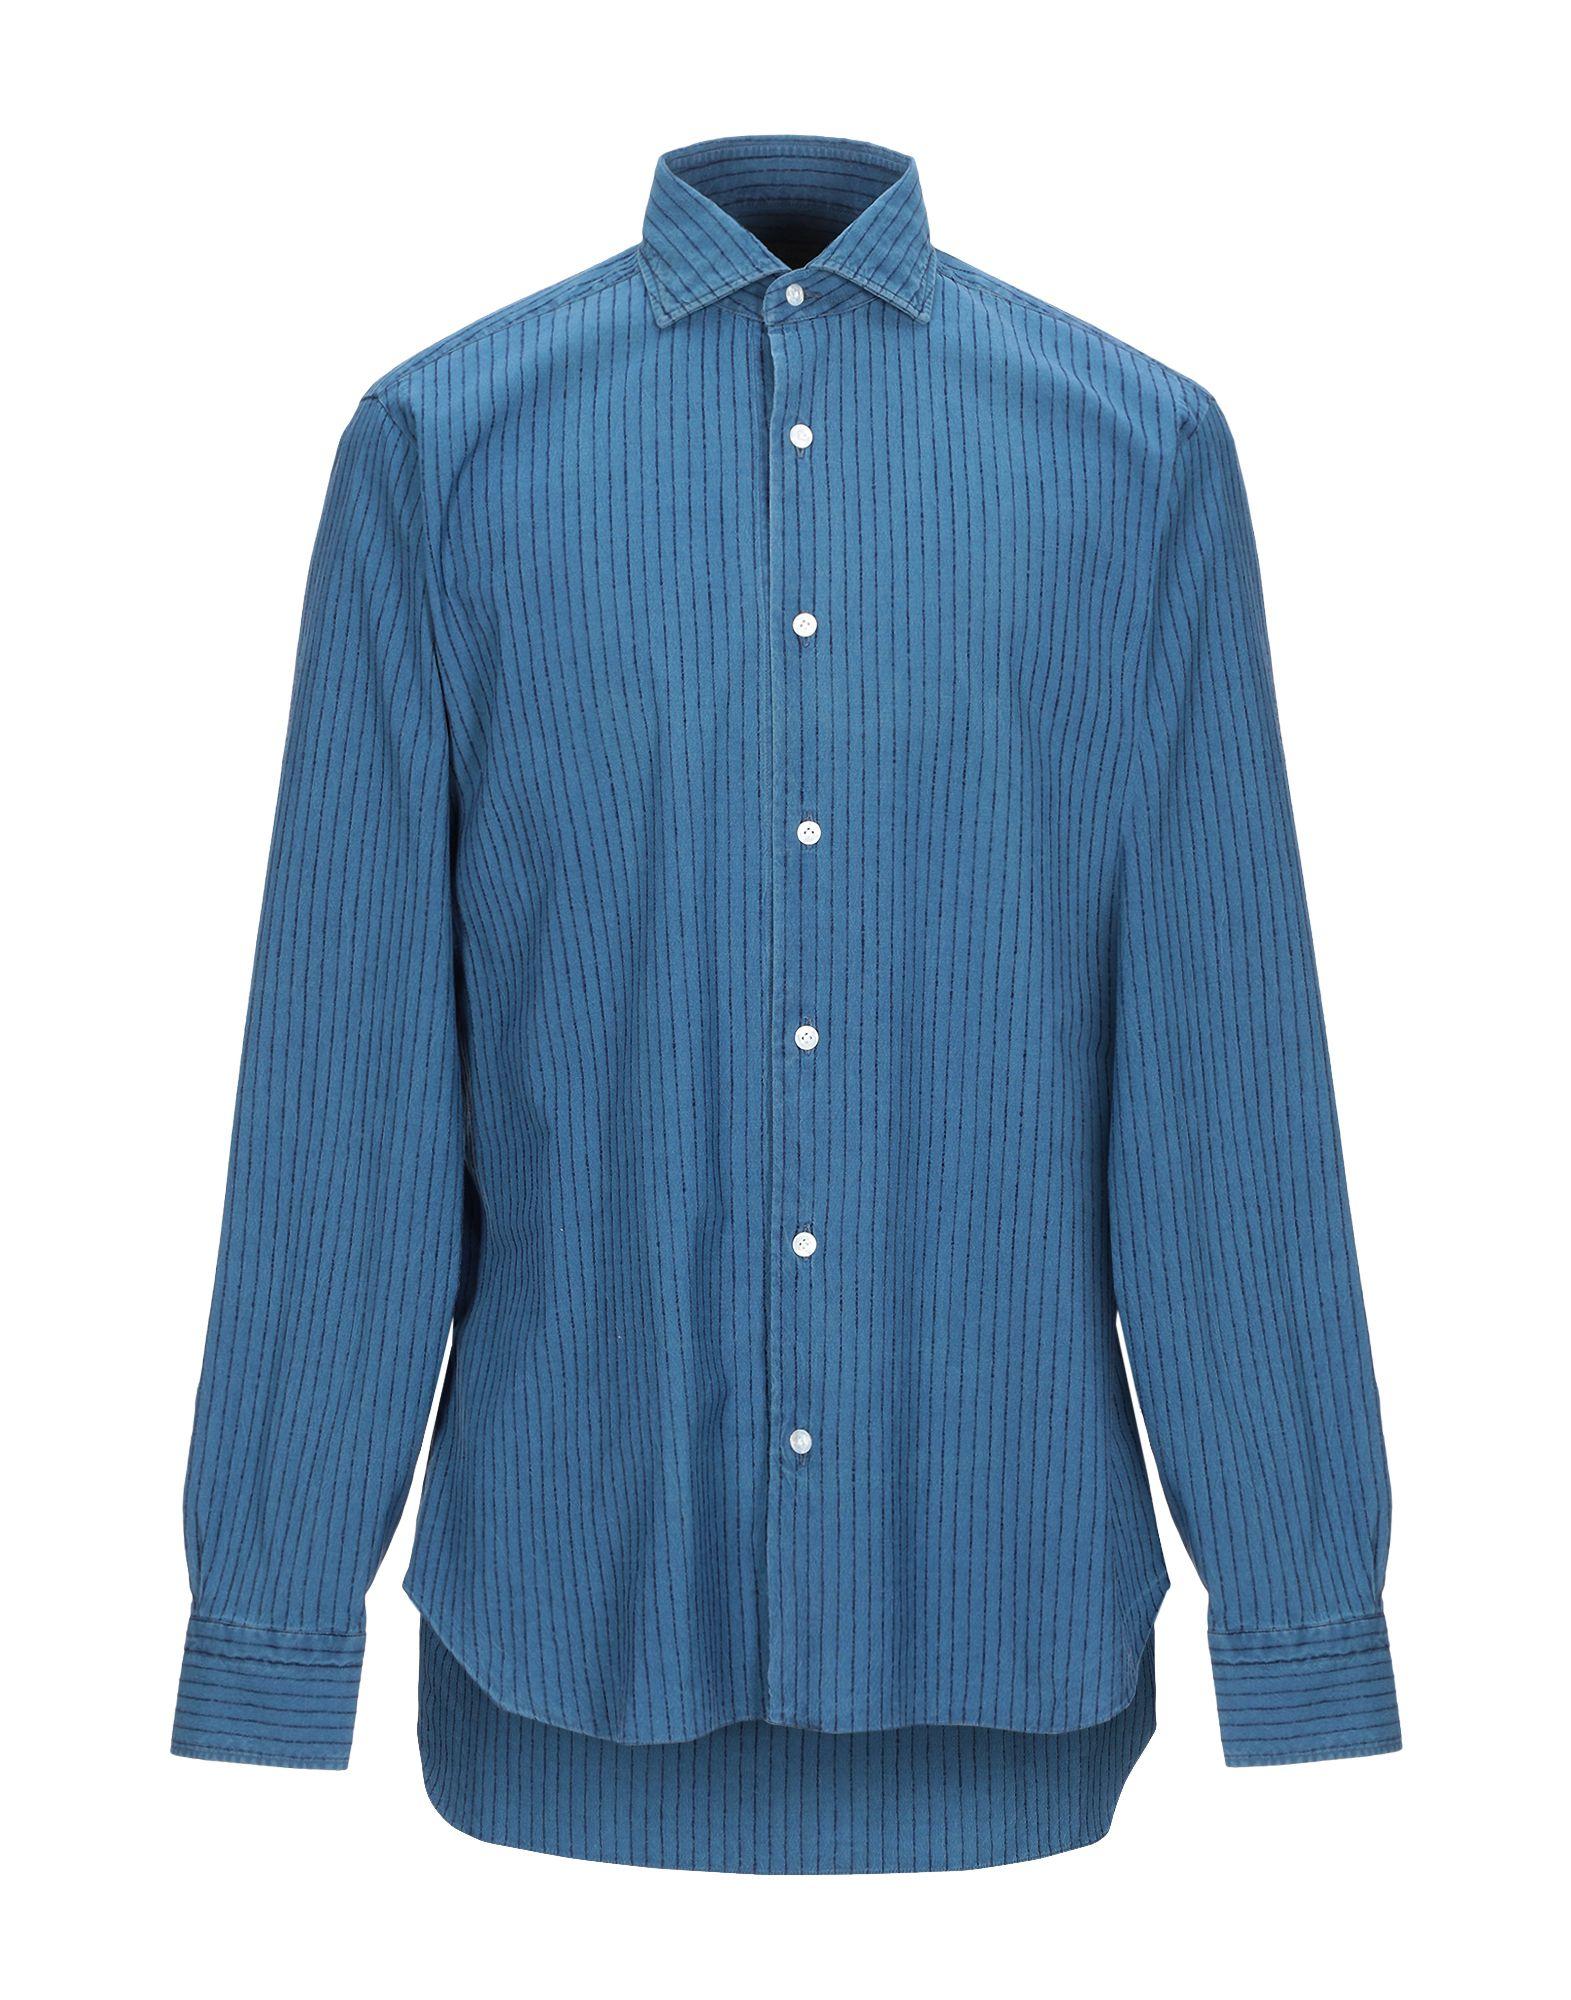 DANDYLIFE by BARBA Джинсовая рубашка theory джинсовая рубашка